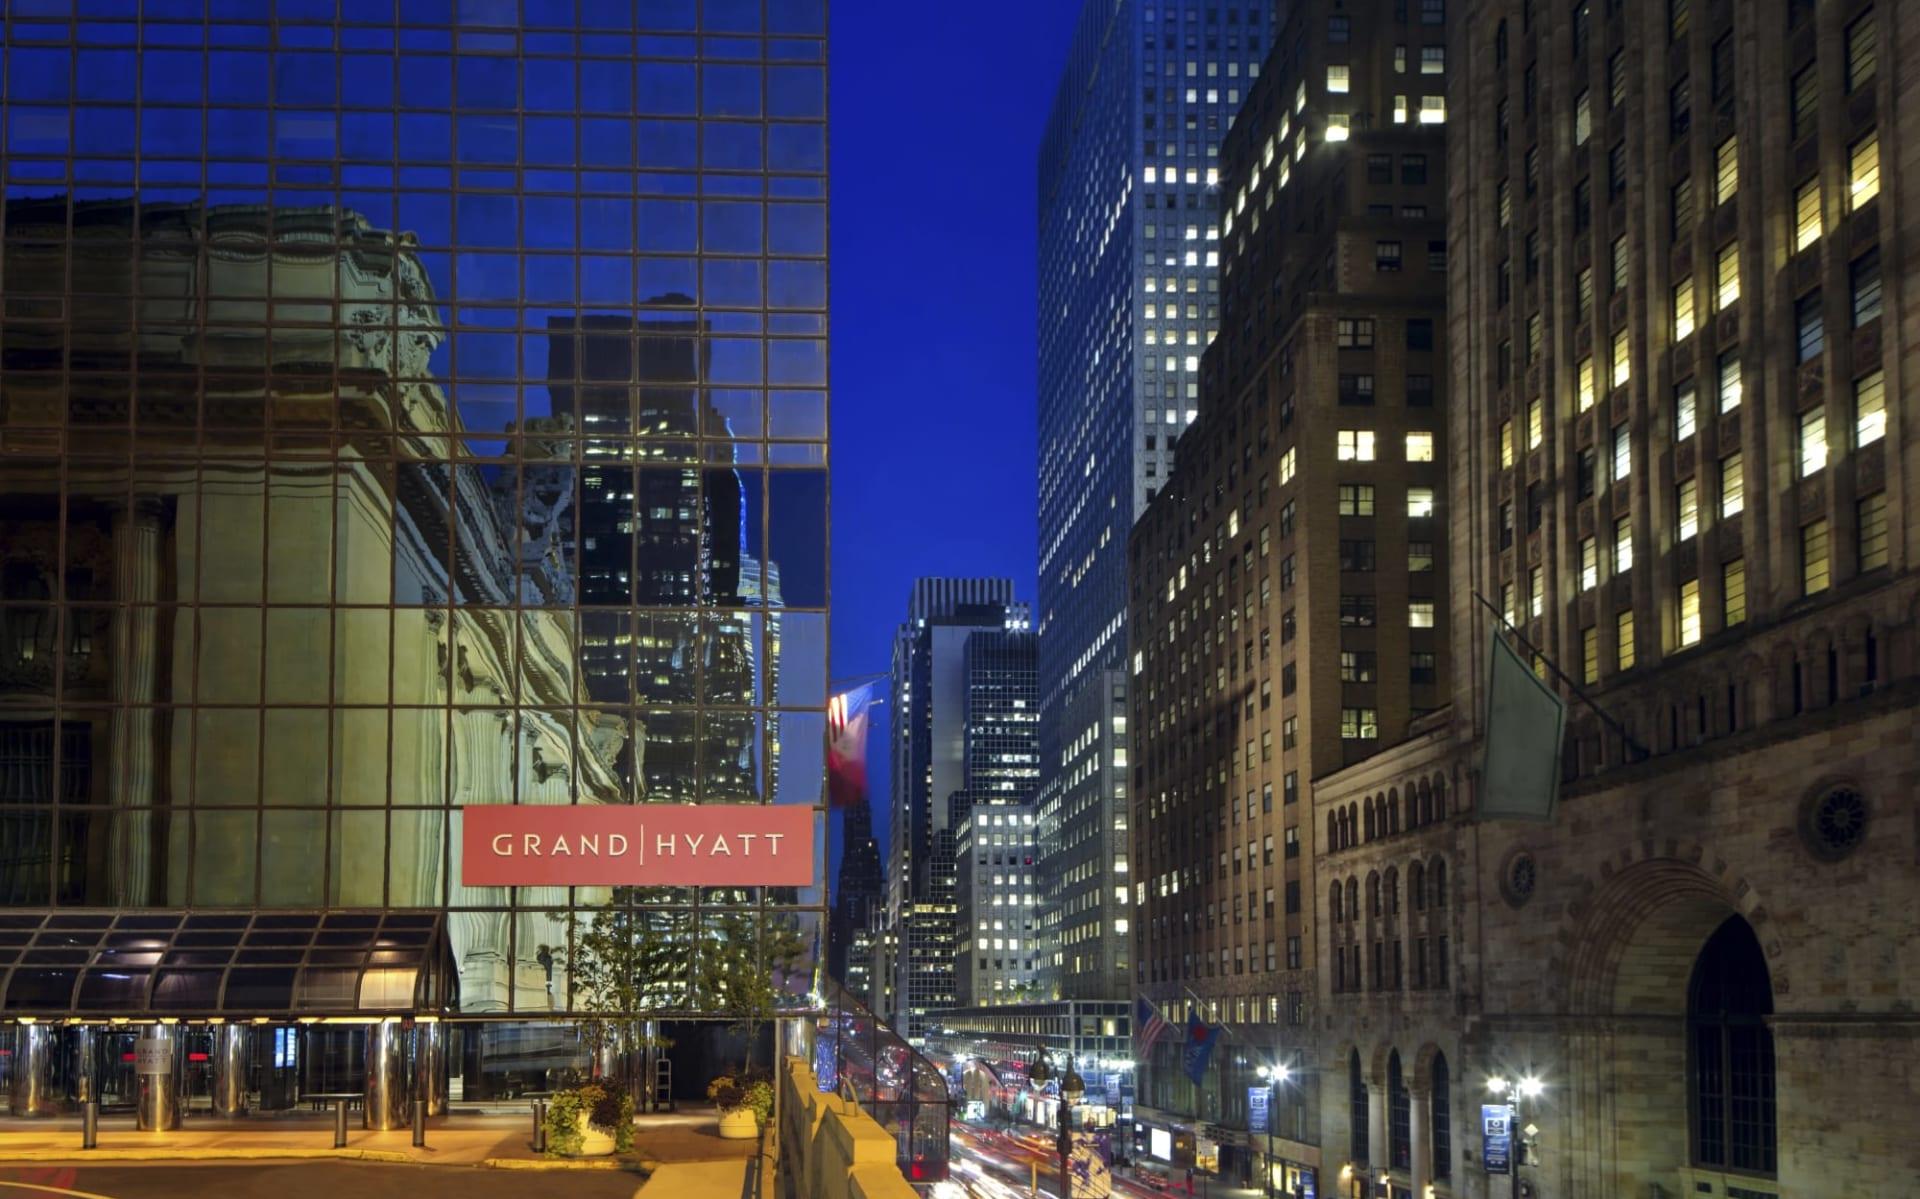 Grand Hyatt New York in New York - Manhattan: Grand Hyatt NYC - Night